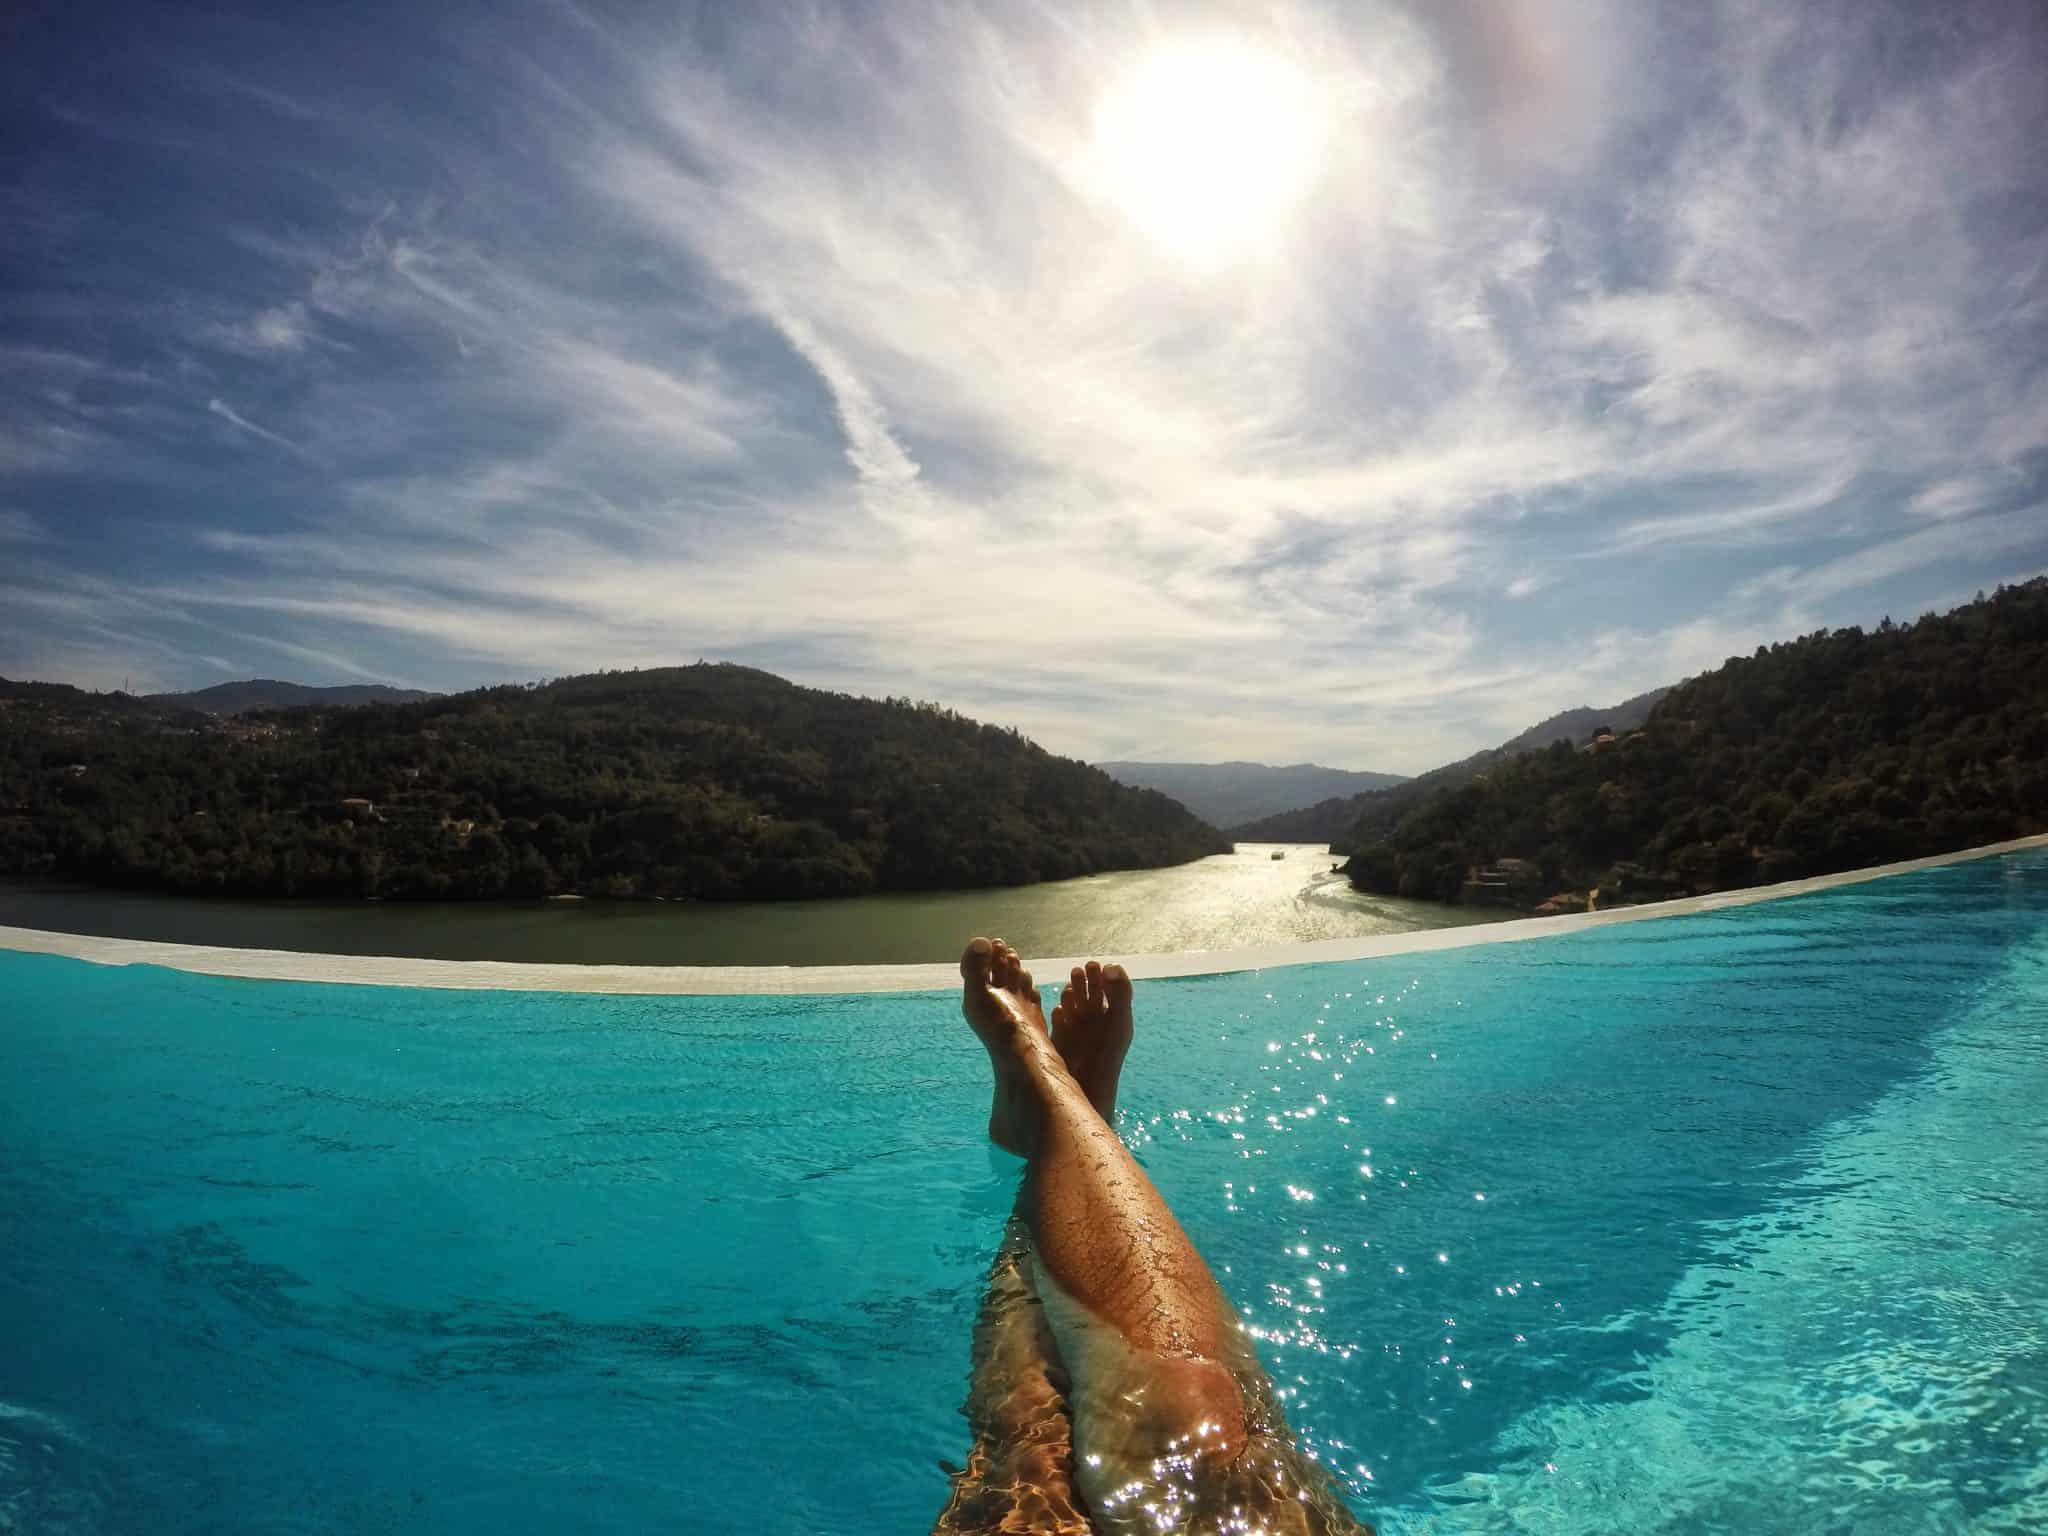 Piscina de borda infinita no Douro Royal Valley Hotel